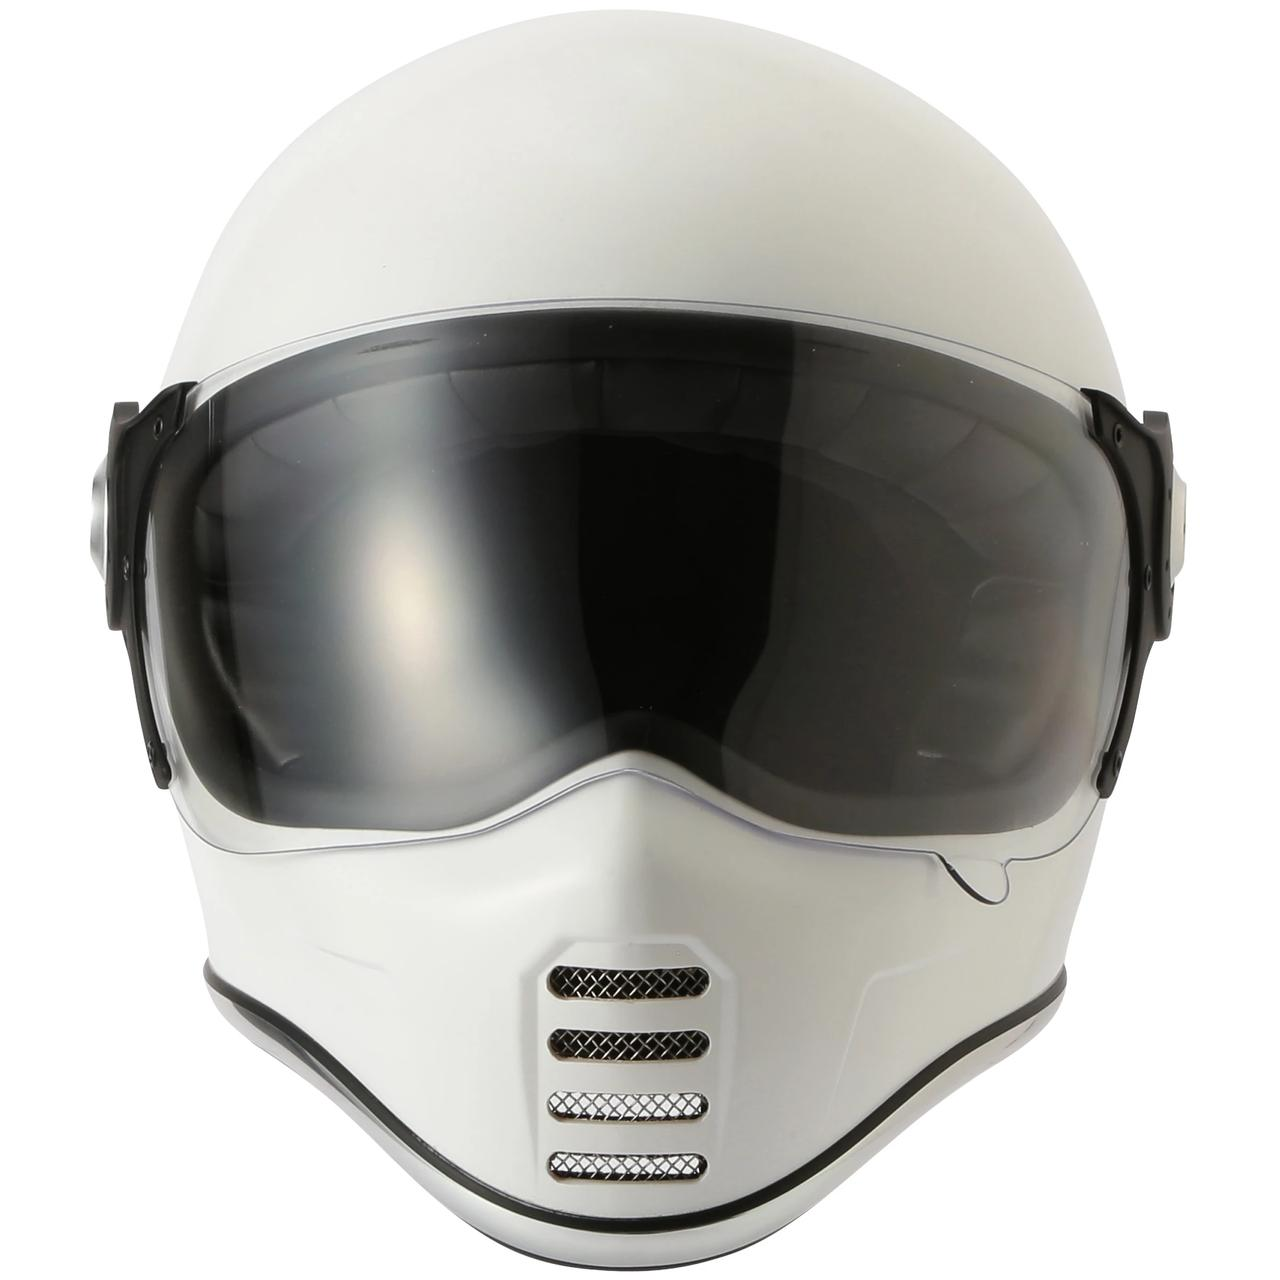 画像8: 【RIDEZ】ネオクラシックヘルメット「XX」(ダブルエックス)が発売開始! 価格も魅力的!